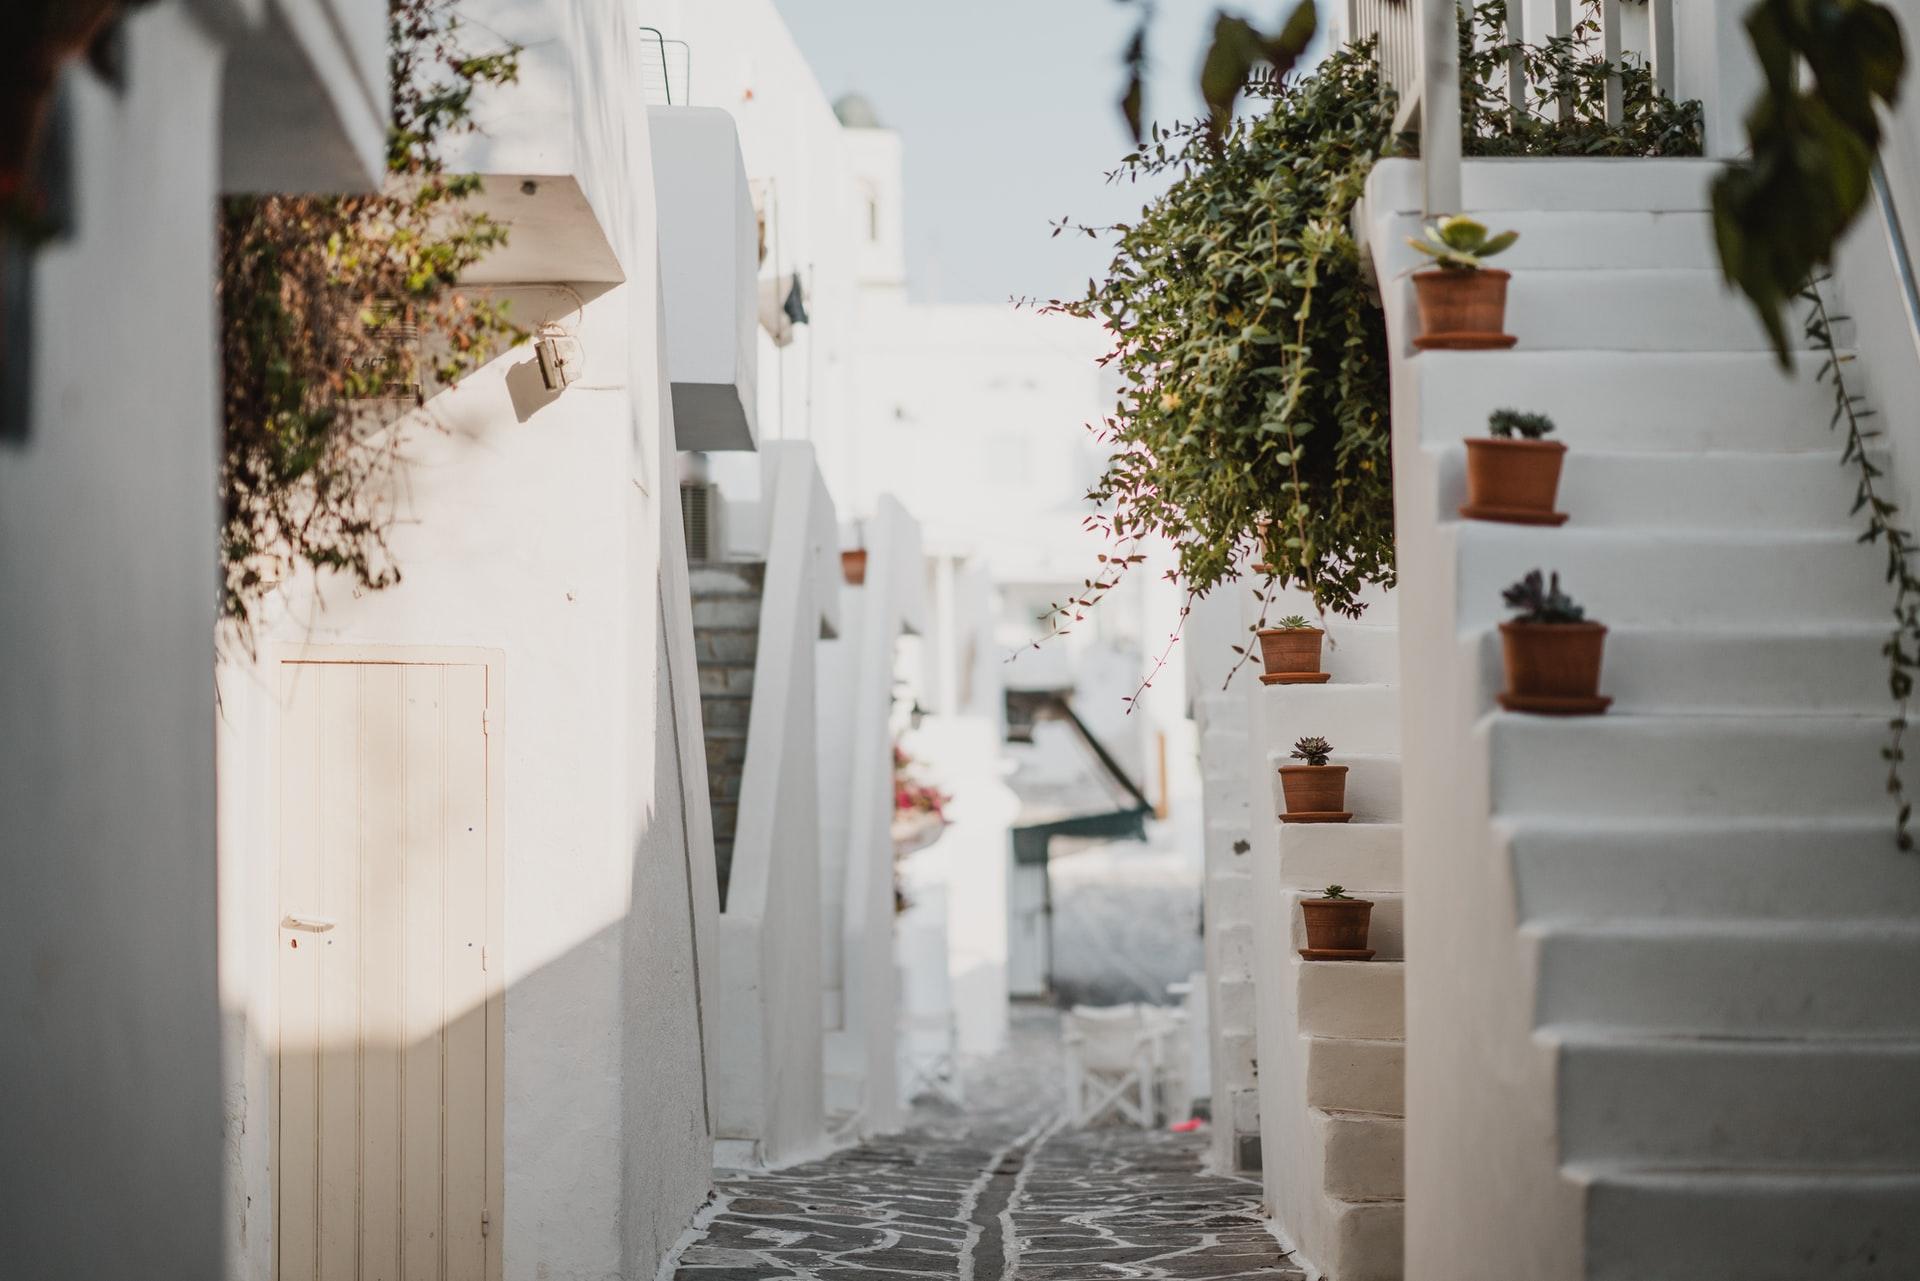 Zavirite u neiscrpan izvor inspiracije: Uređenje idiličnih kuća na Mediteranu